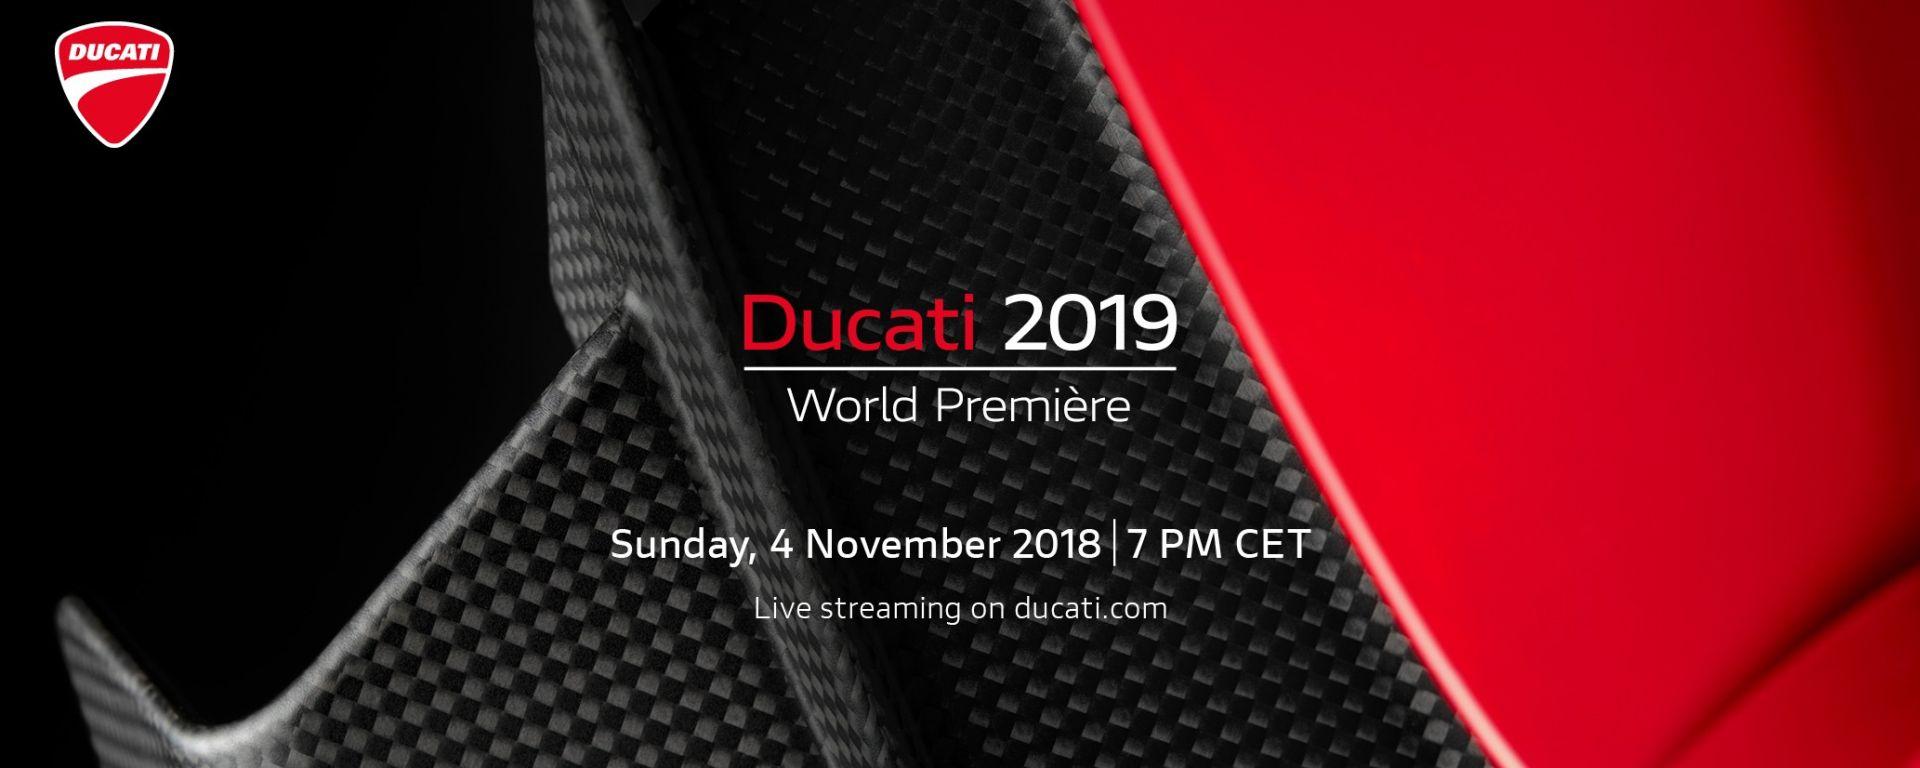 Le novità Ducati di EICMA 2018: guardale nel video in diretta dalla Ducati World Première 2019